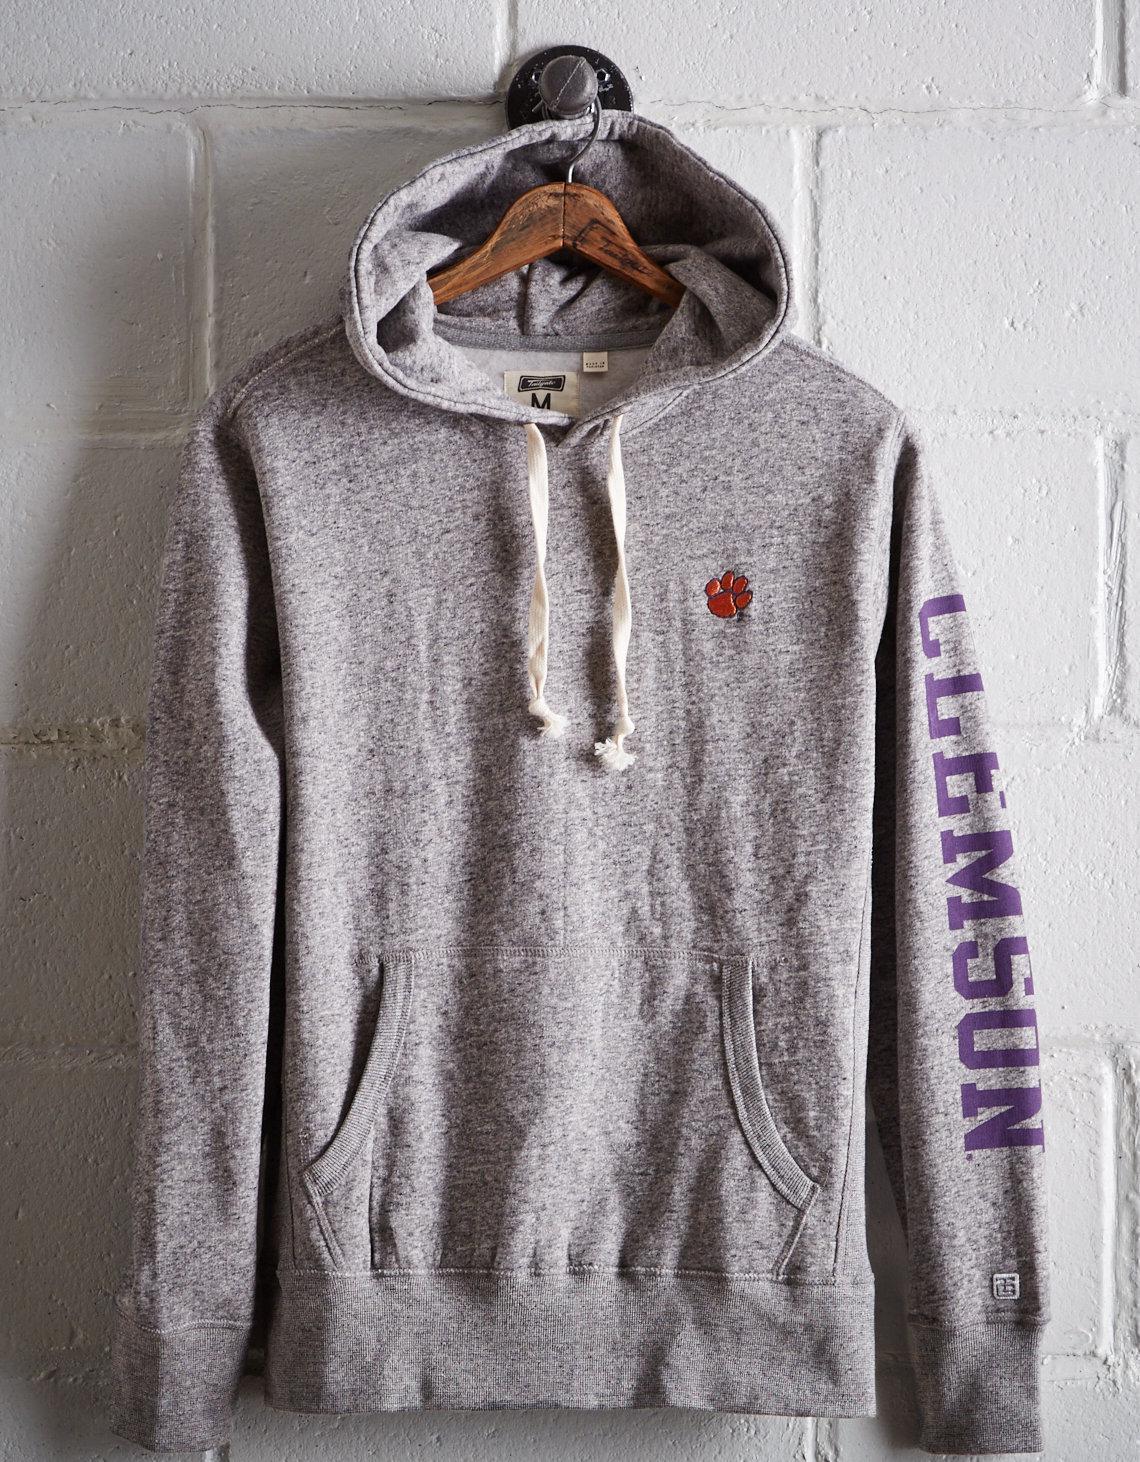 b27c04cfe53 Lyst - Tailgate Men s Clemson Fleece Hoodie in Gray for Men